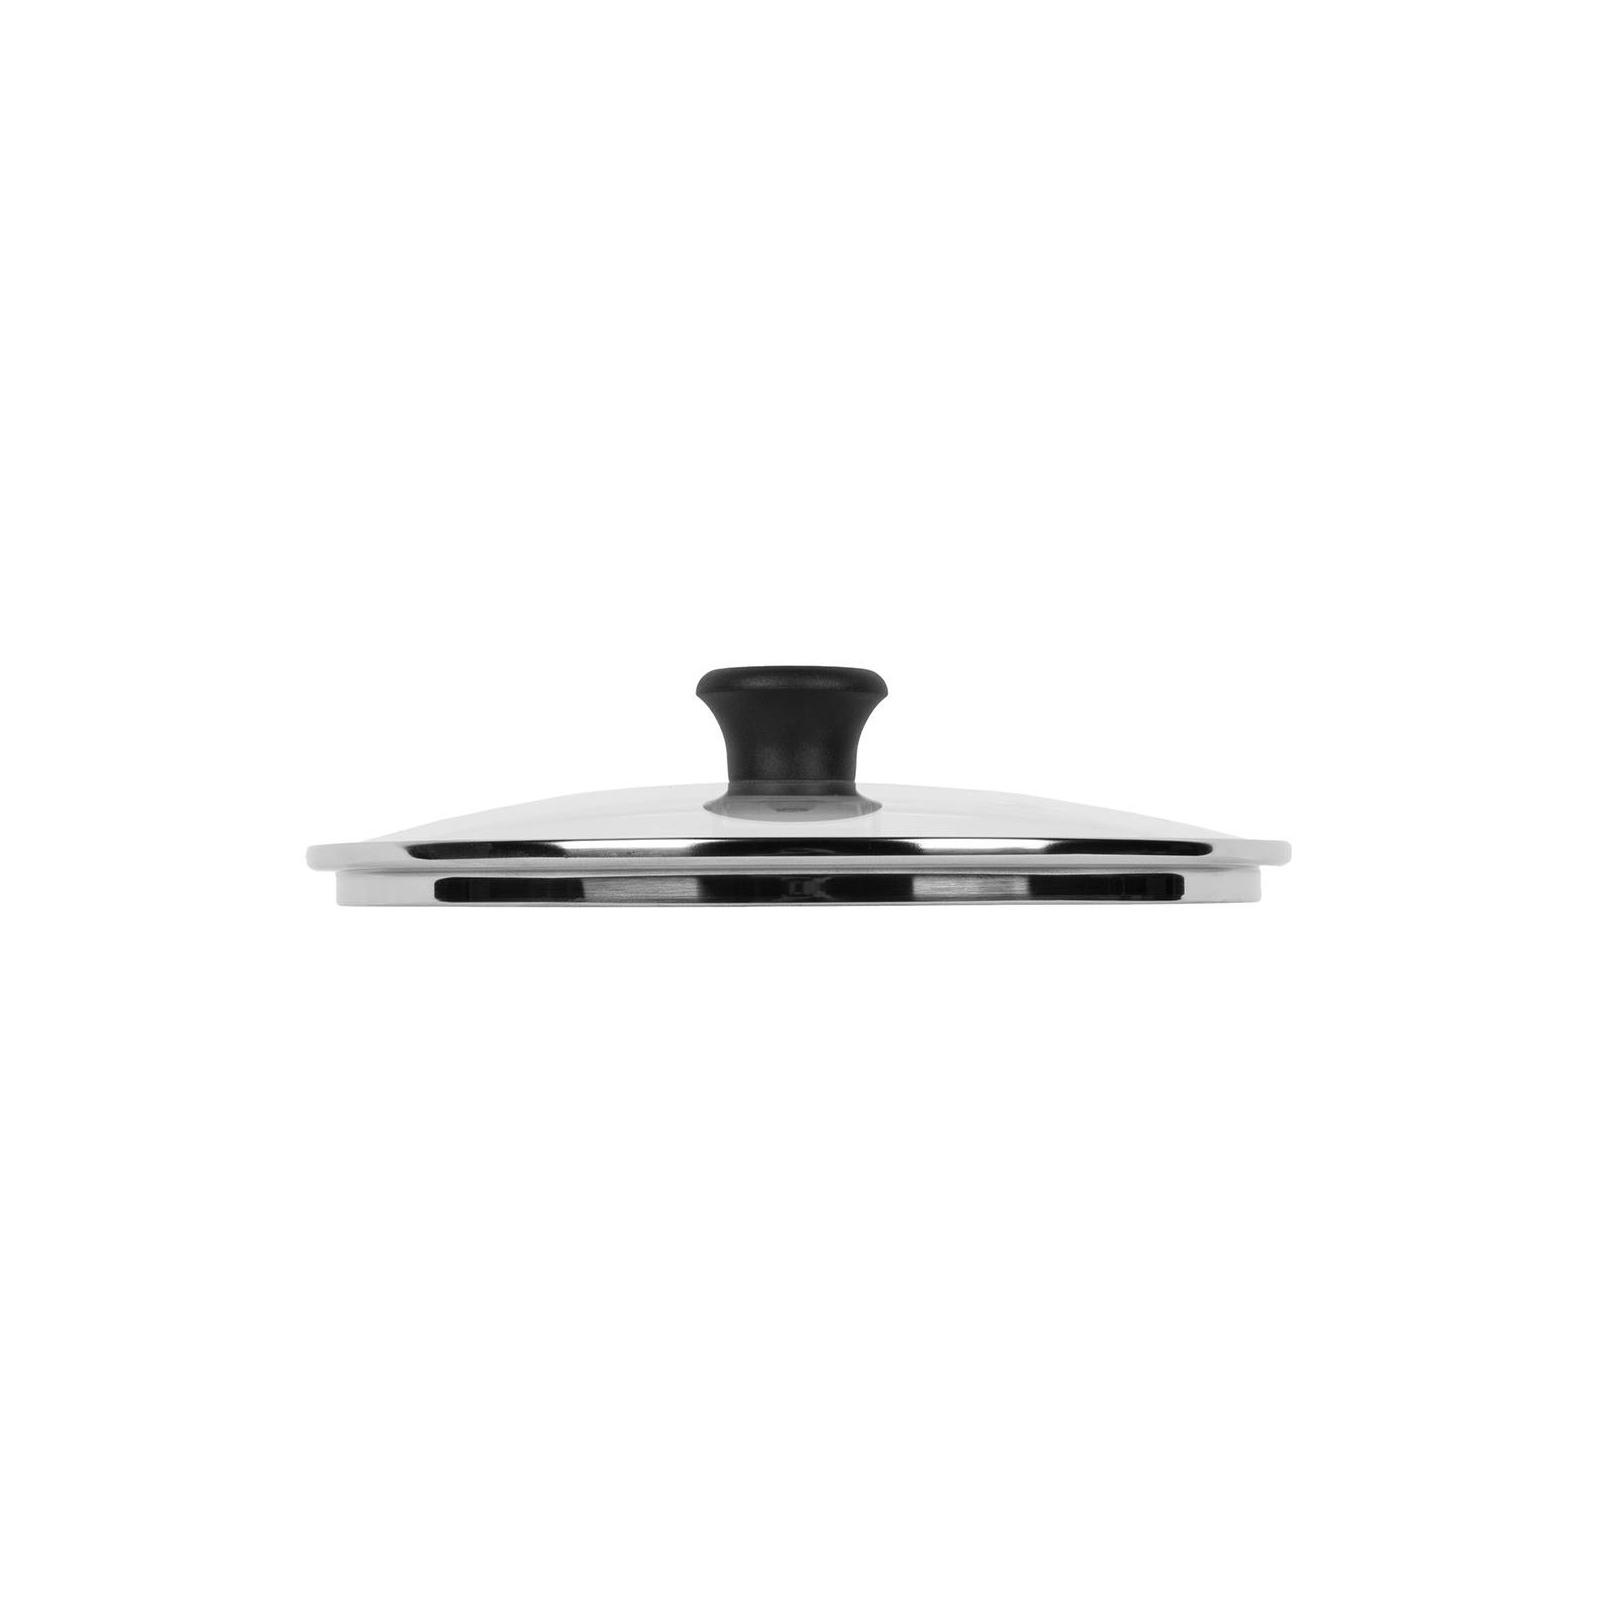 Крышка для посуды Tefal Glass bulbous 24 см (28097512) изображение 2